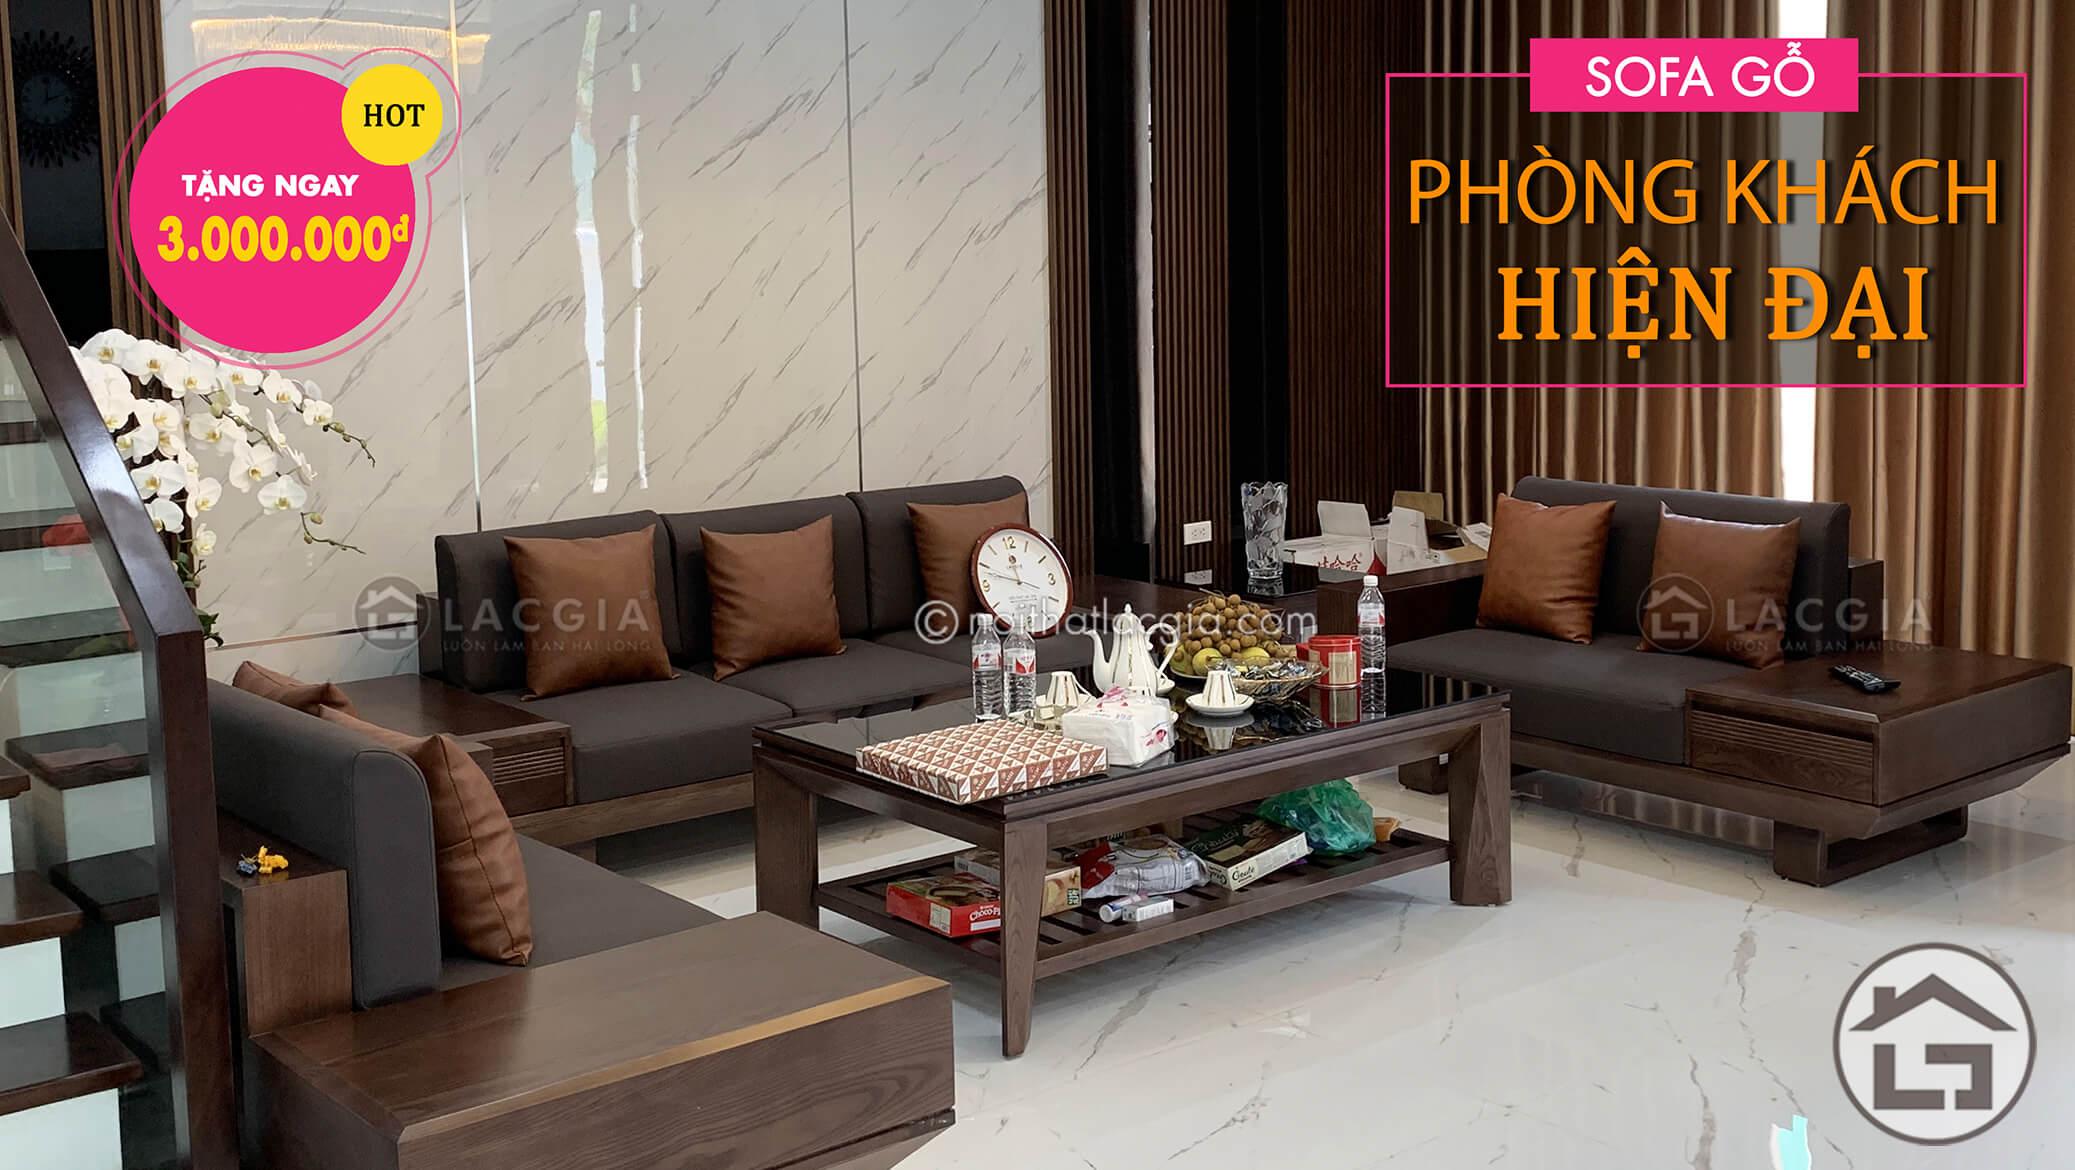 sofa go phong khach - Sofa gỗ óc chó cao cấp SF29 Plus